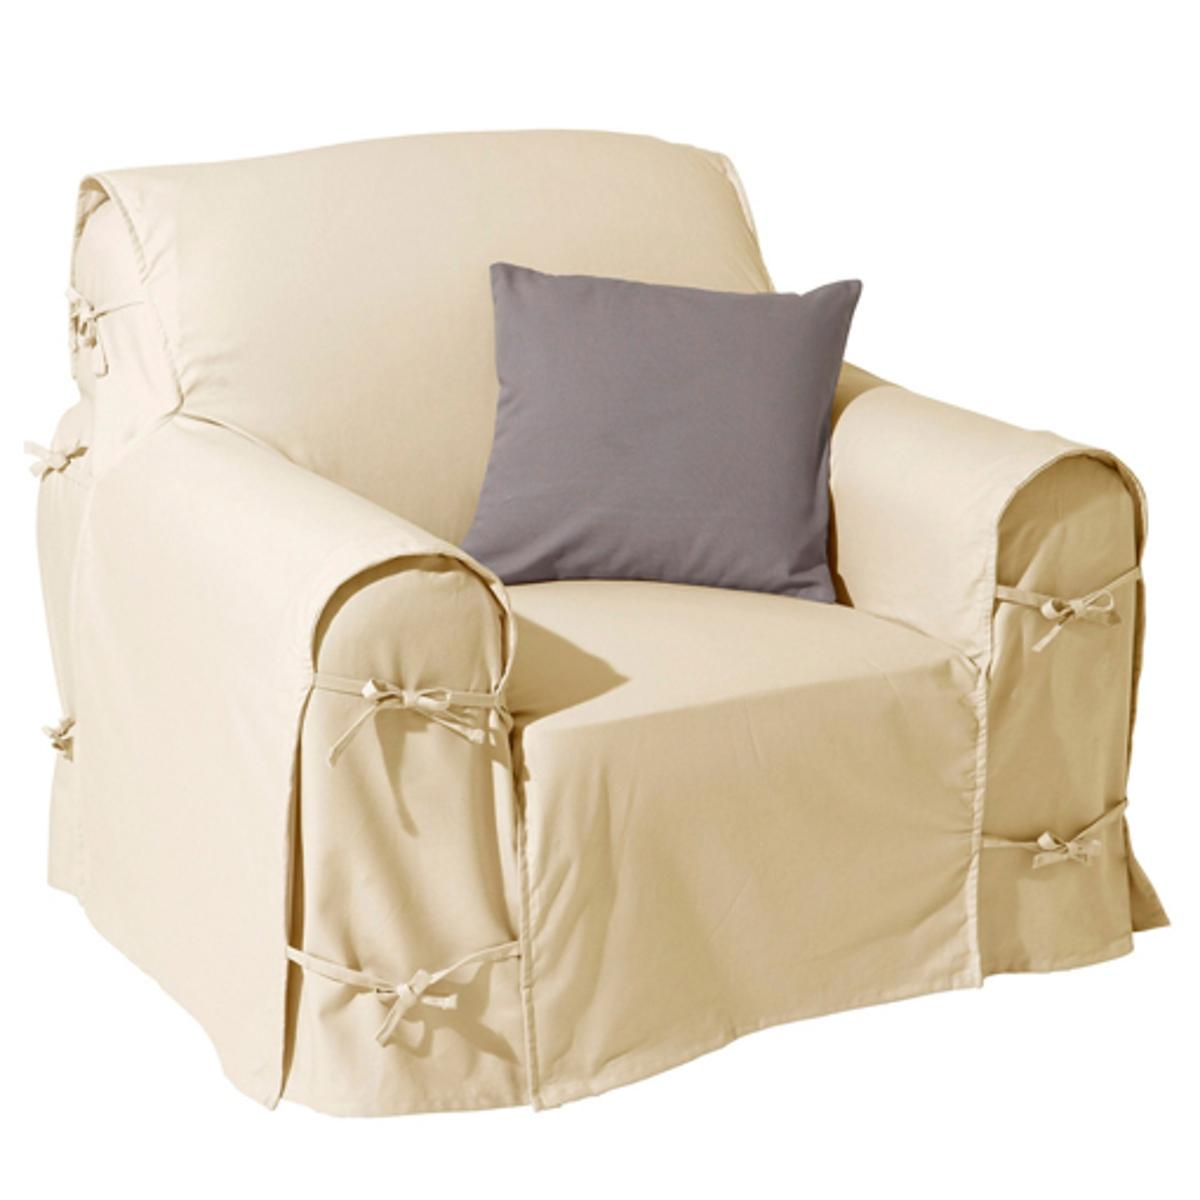 Чехол для креслаХарактеристики чехла для кресла:- Практичный чехол для кресла регулируется завязками. - Красивая плотная ткань из 100% хлопка (220 г/м?).- Обработка против пятен.- Простой уход: стирка при 40°, превосходная стойкость цвета.Размеры чехла для кресла:- Общая высота: 102 см.- Максимальная ширина: 80 см.- Глубина сидения: 60 см.- Высота подлокотников: 66 см.Качество VALEUR S?RE. Производство осуществляется с учетом стандартов по защите окружающей среды и здоровья человека, что подтверждено сертификатом Oeko-tex®.<br><br>Цвет: антрацит,белый,медовый,облачно-серый,рубиново-красный,серо-коричневый каштан,синий индиго,черный,экрю<br>Размер: единый размер